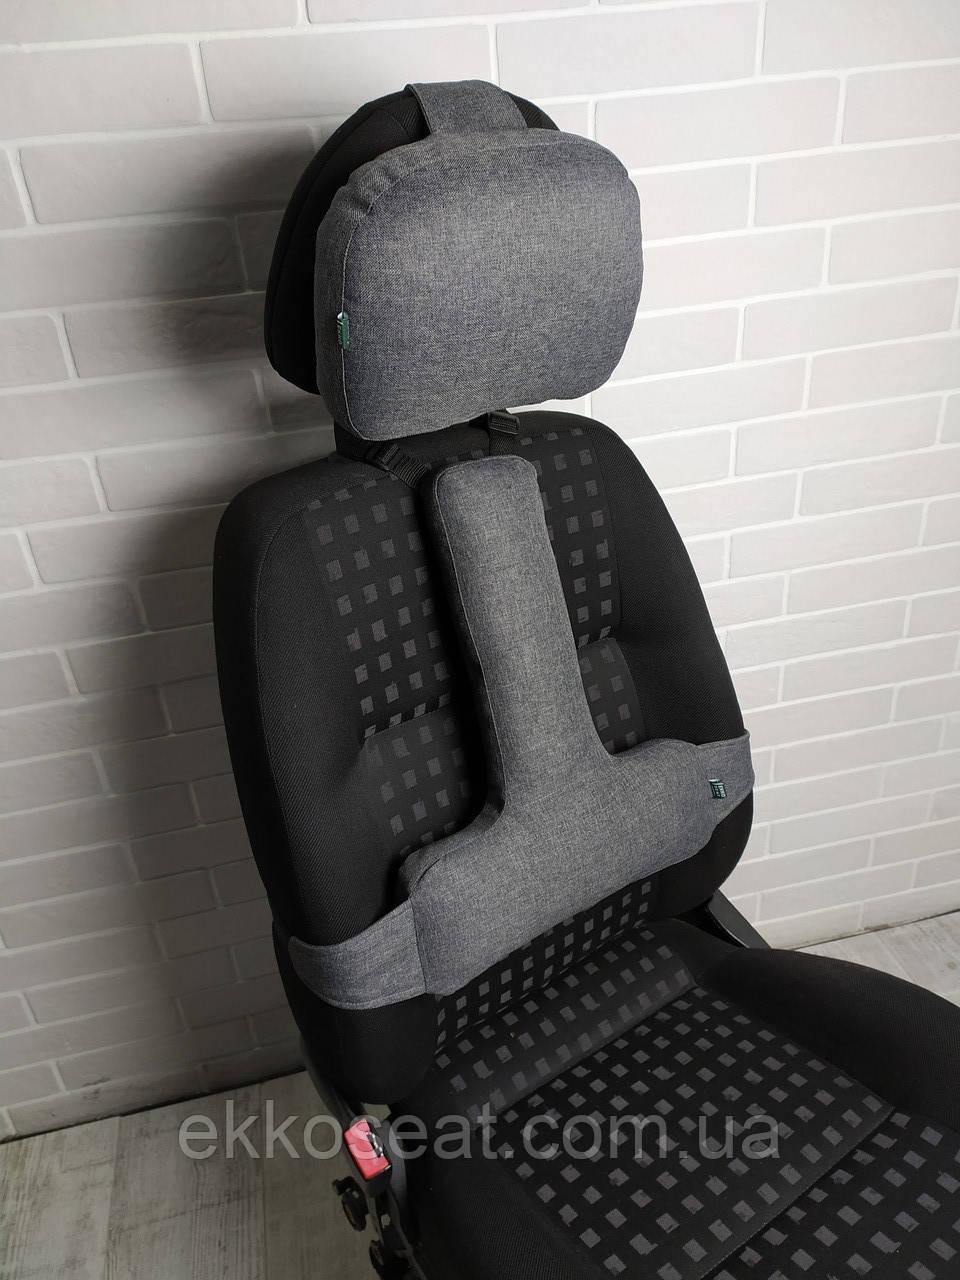 Ортопедичні подушки (набір) під поперек і на підголовник EKKOSEAT в автомобіль